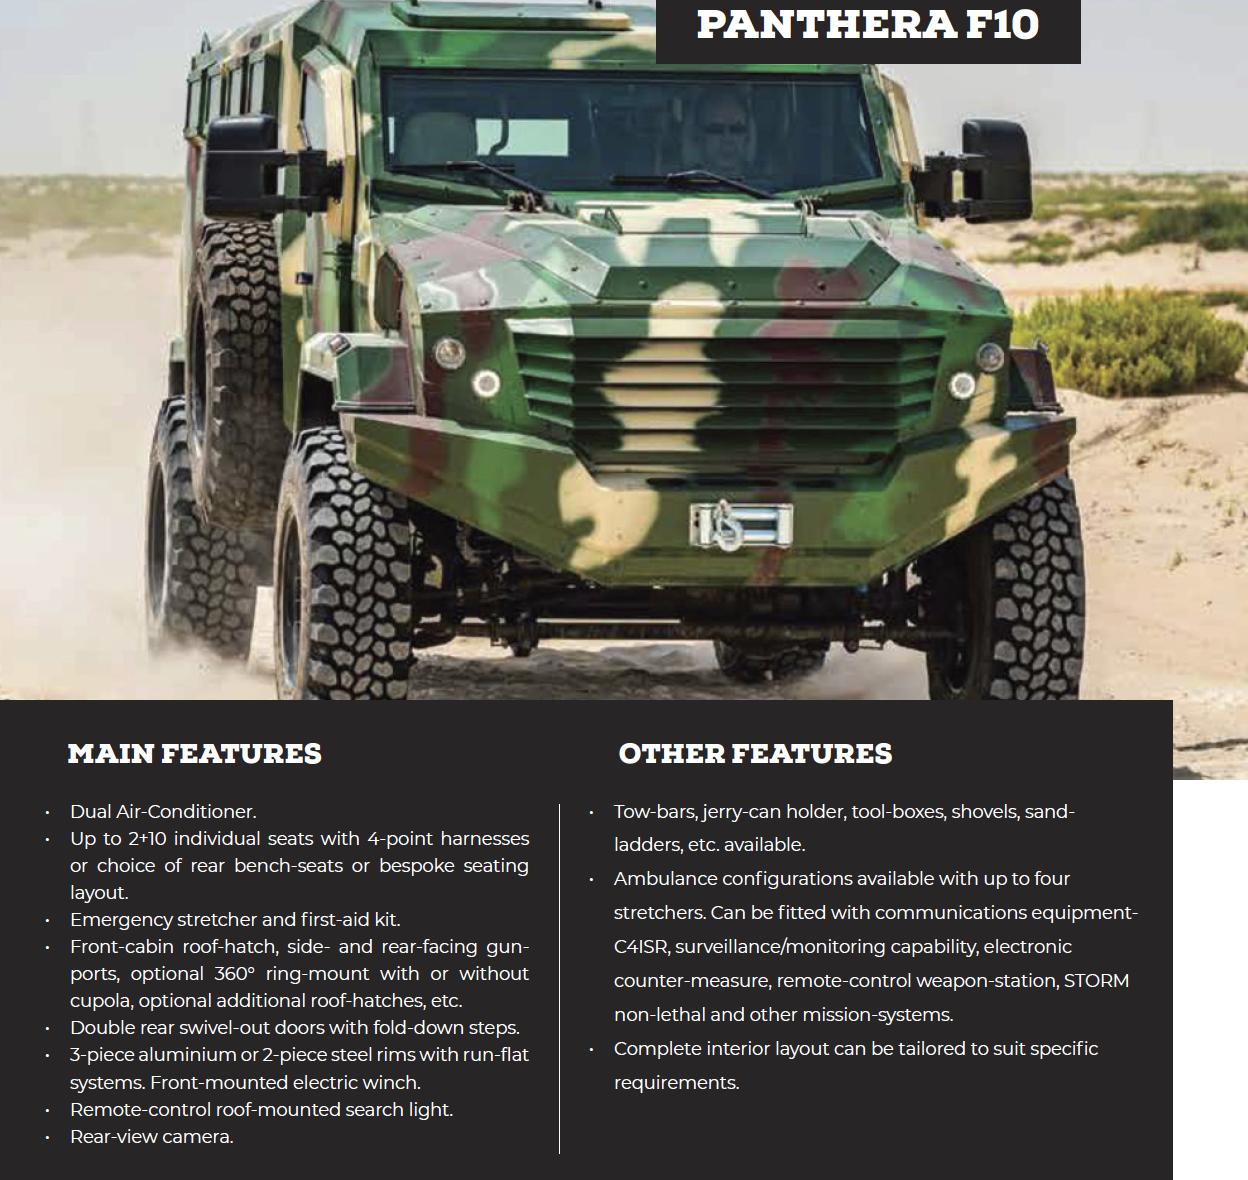 Panthera F10